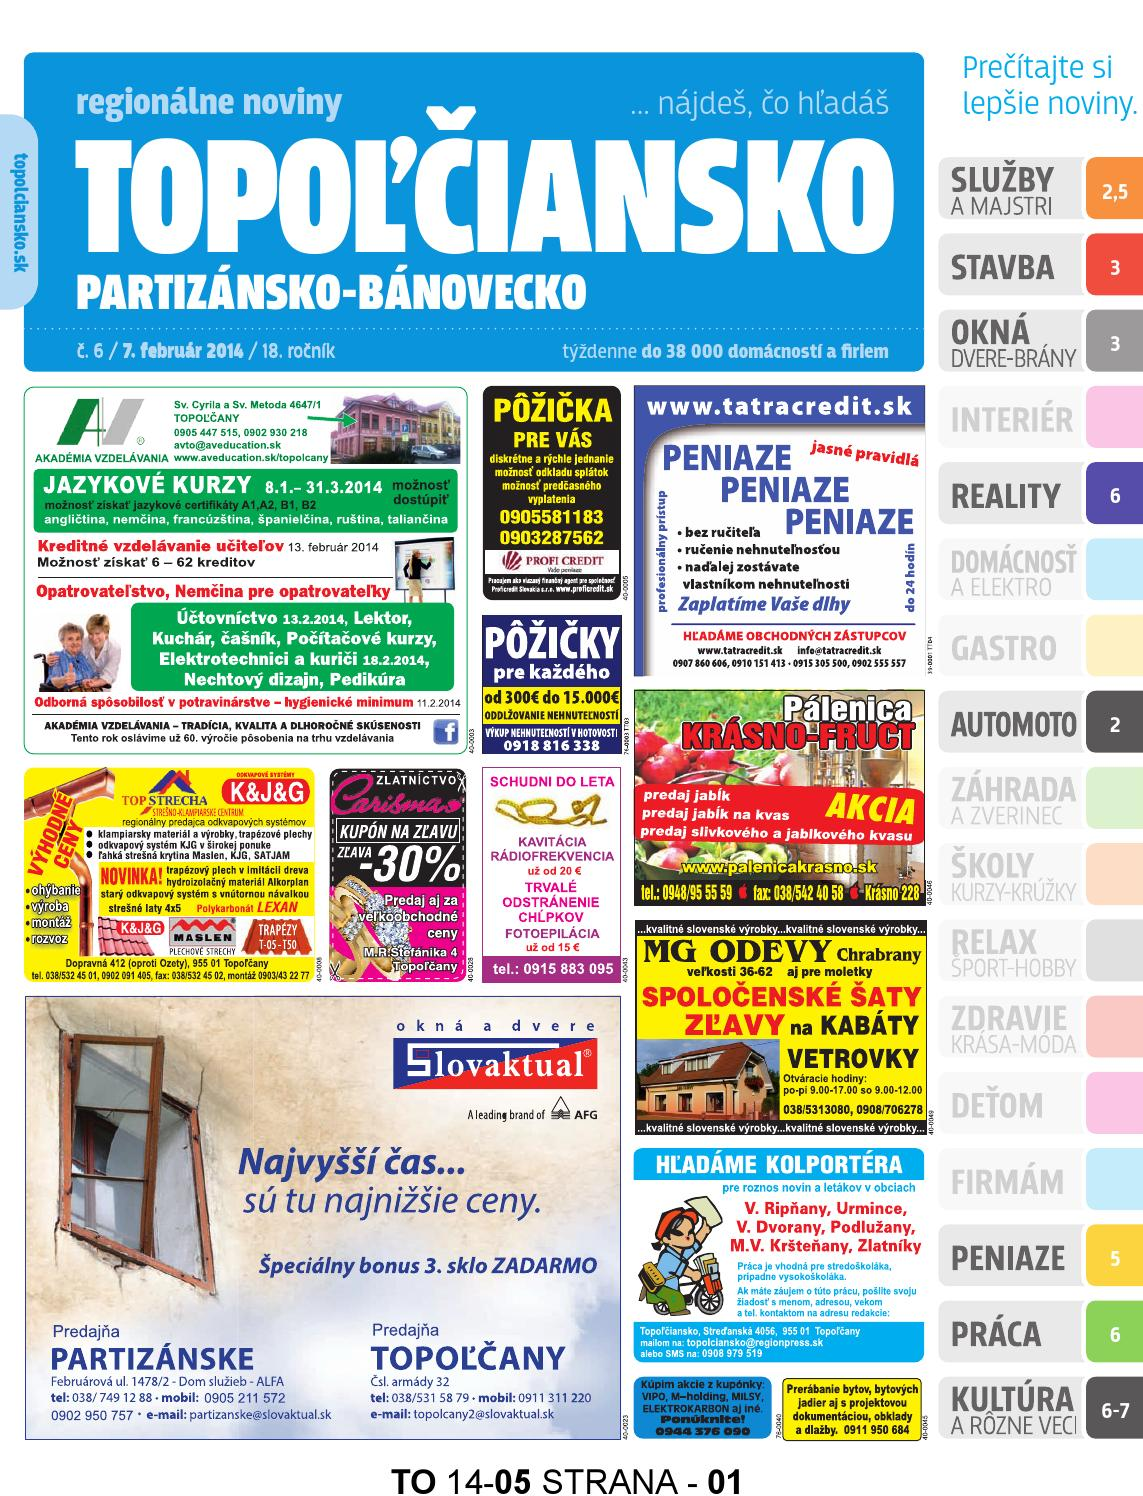 412e71a6a5db Topolciansko 14-06 by topolciansko topolciansko - issuu